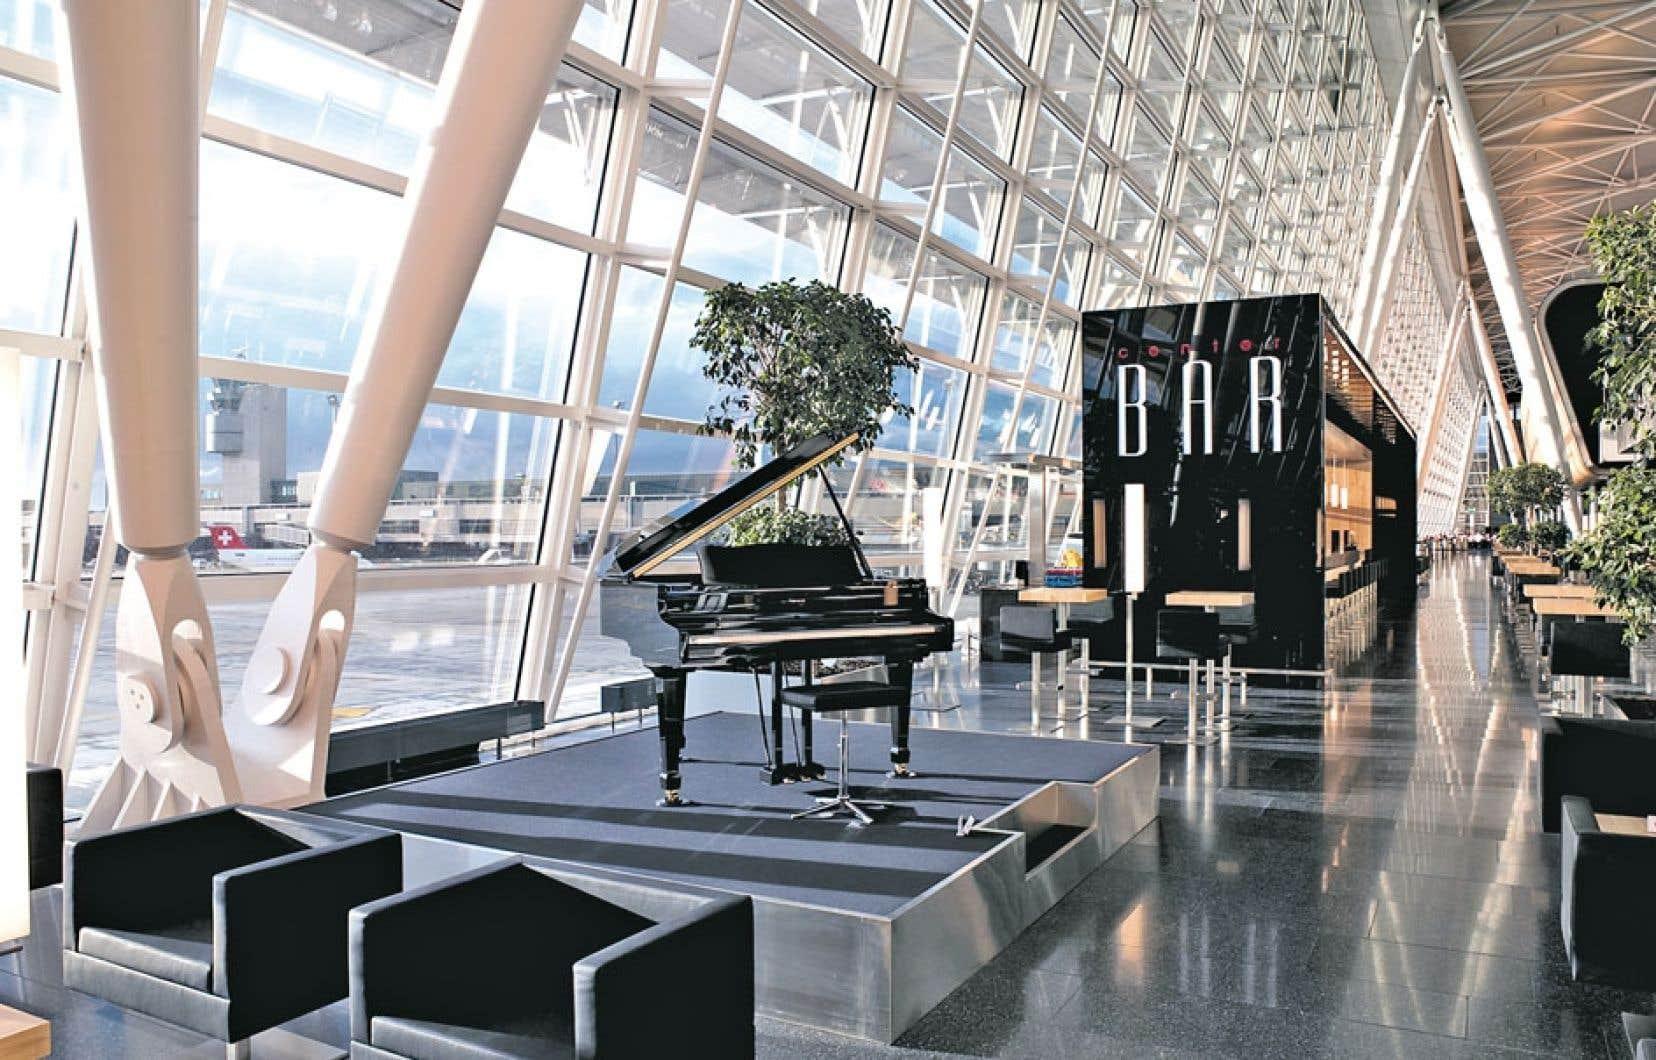 Avec sa structure imposante mais légère et ouverte, l'Airside Center de l'aéroport de Zurich invite les passagers à la flânerie.